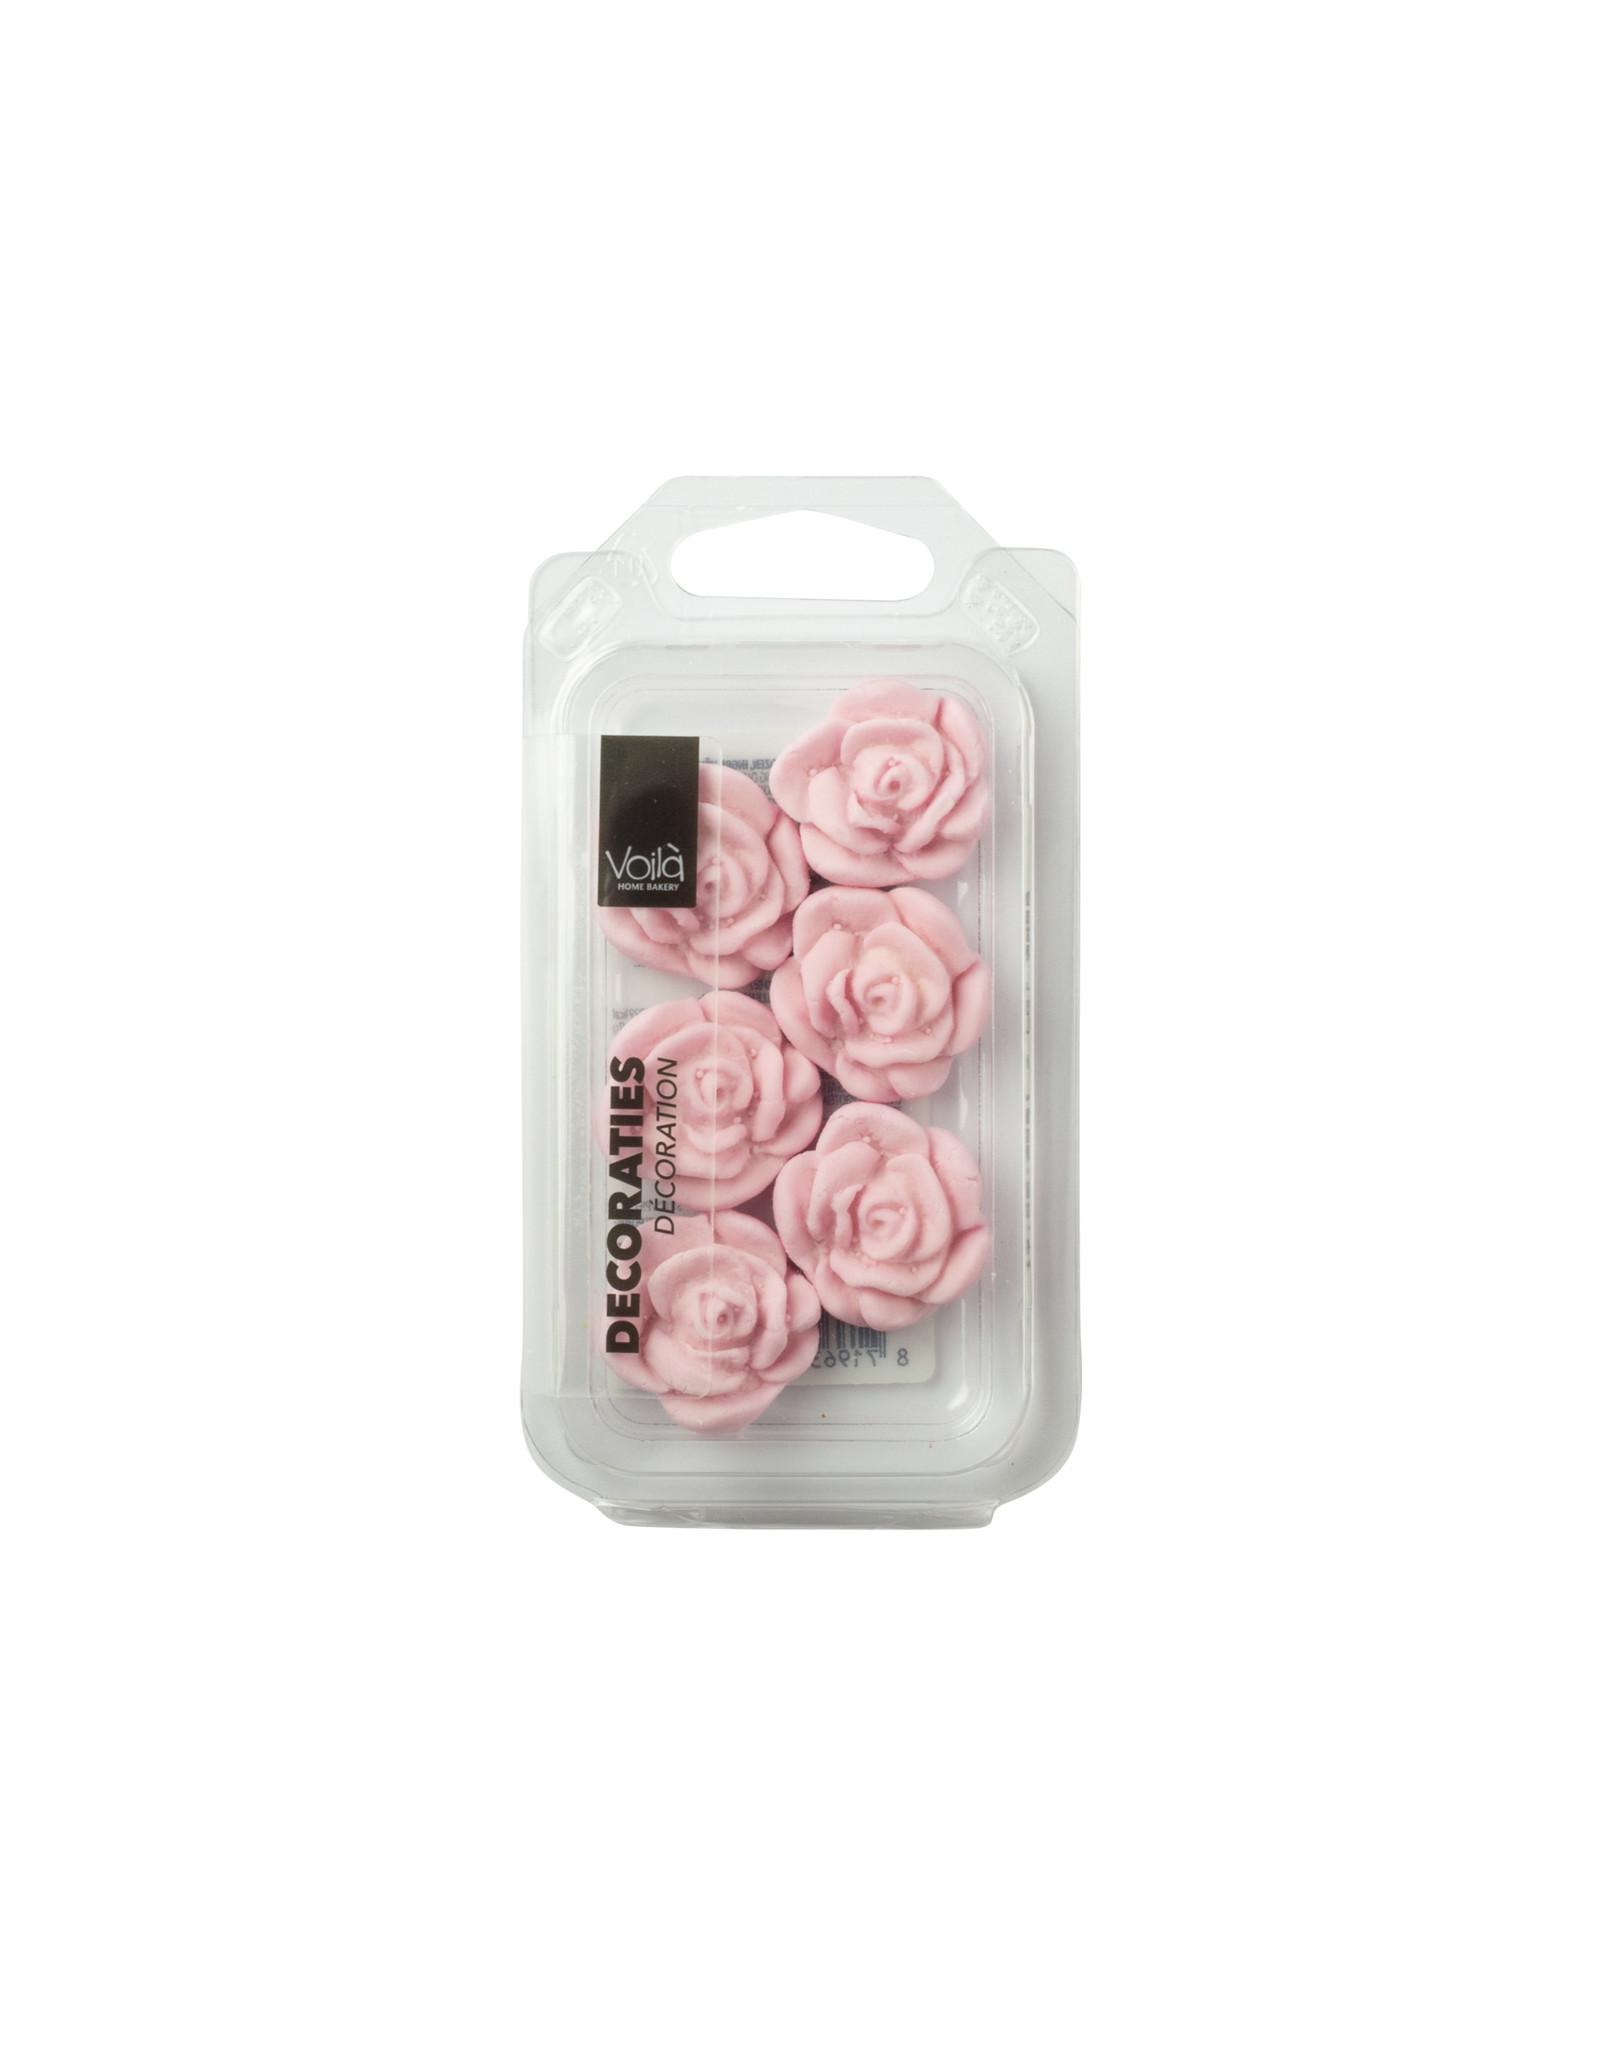 VOILA Home Bakery Voila Suikerdecoratie Roze Rozen - 18 gram doosje